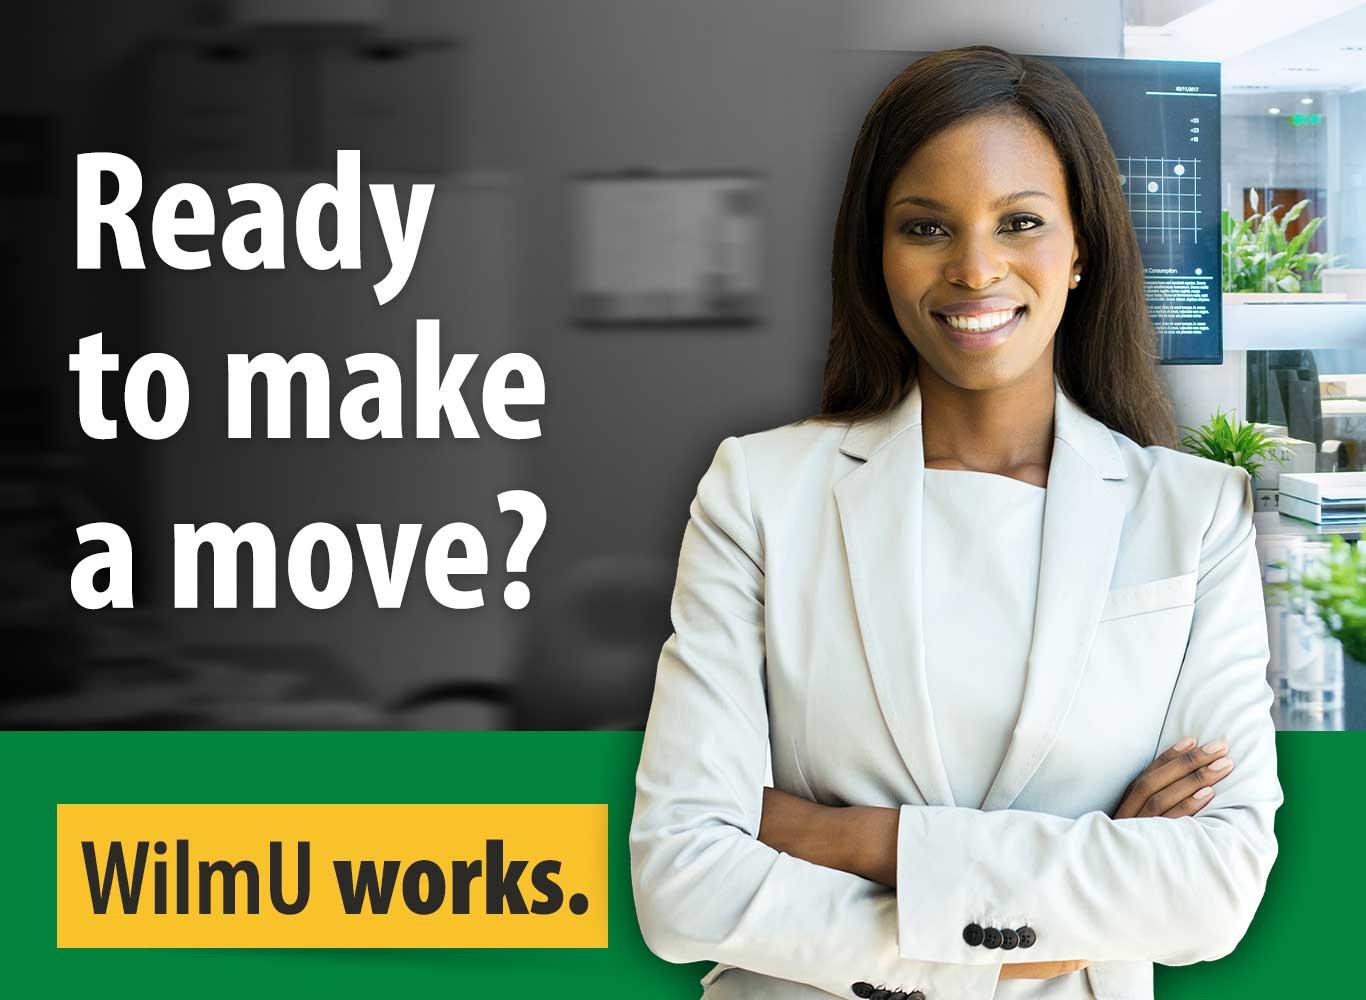 Ready to make a move?